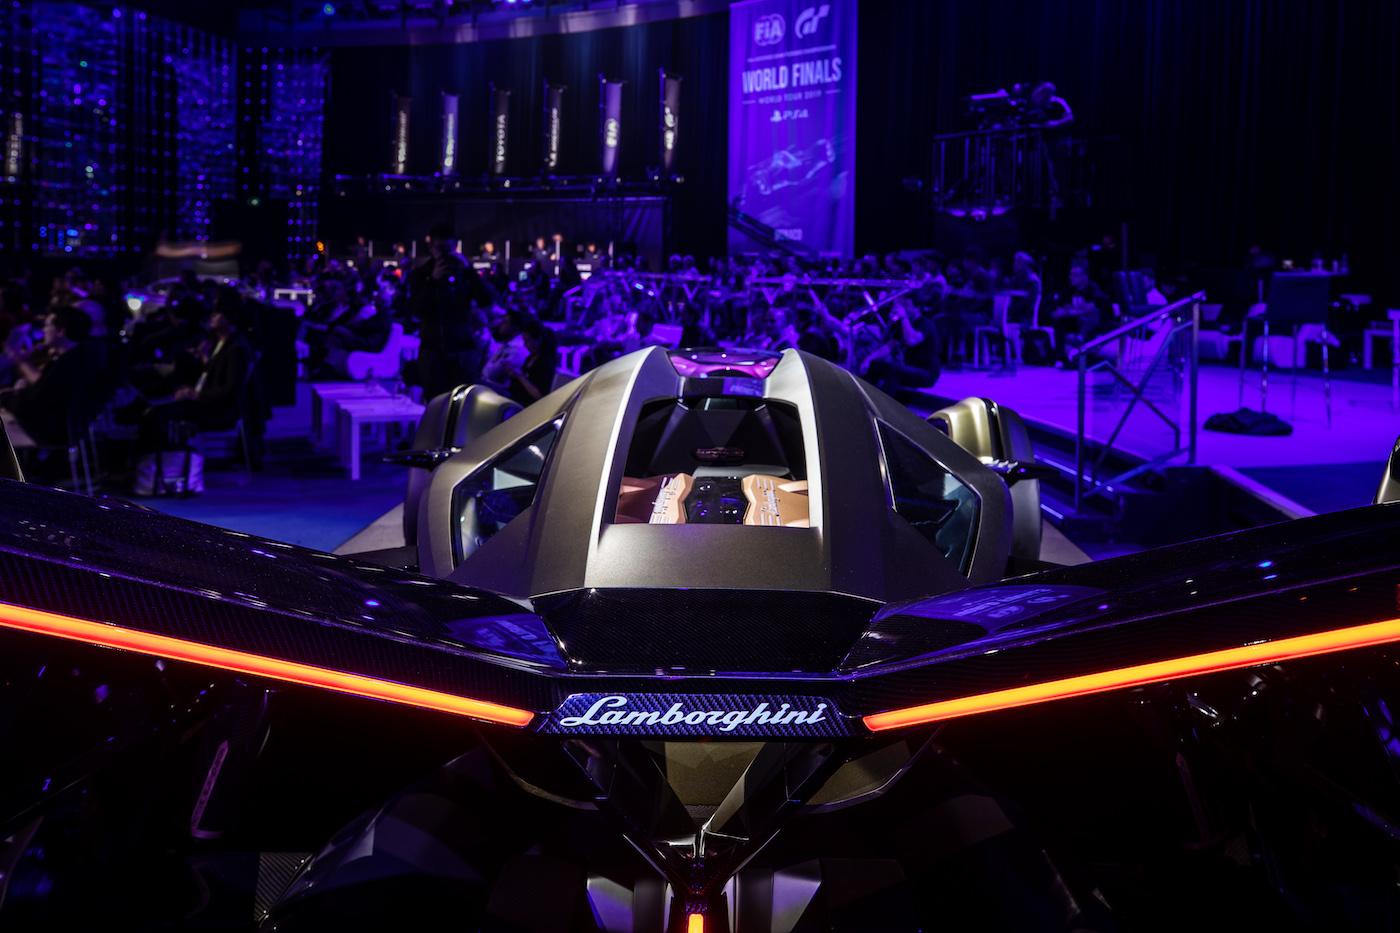 Zu schön, um wahr zu sein: Lamborghini präsentiert den V12 Vision Gran Turismo in Monte Carlo 14